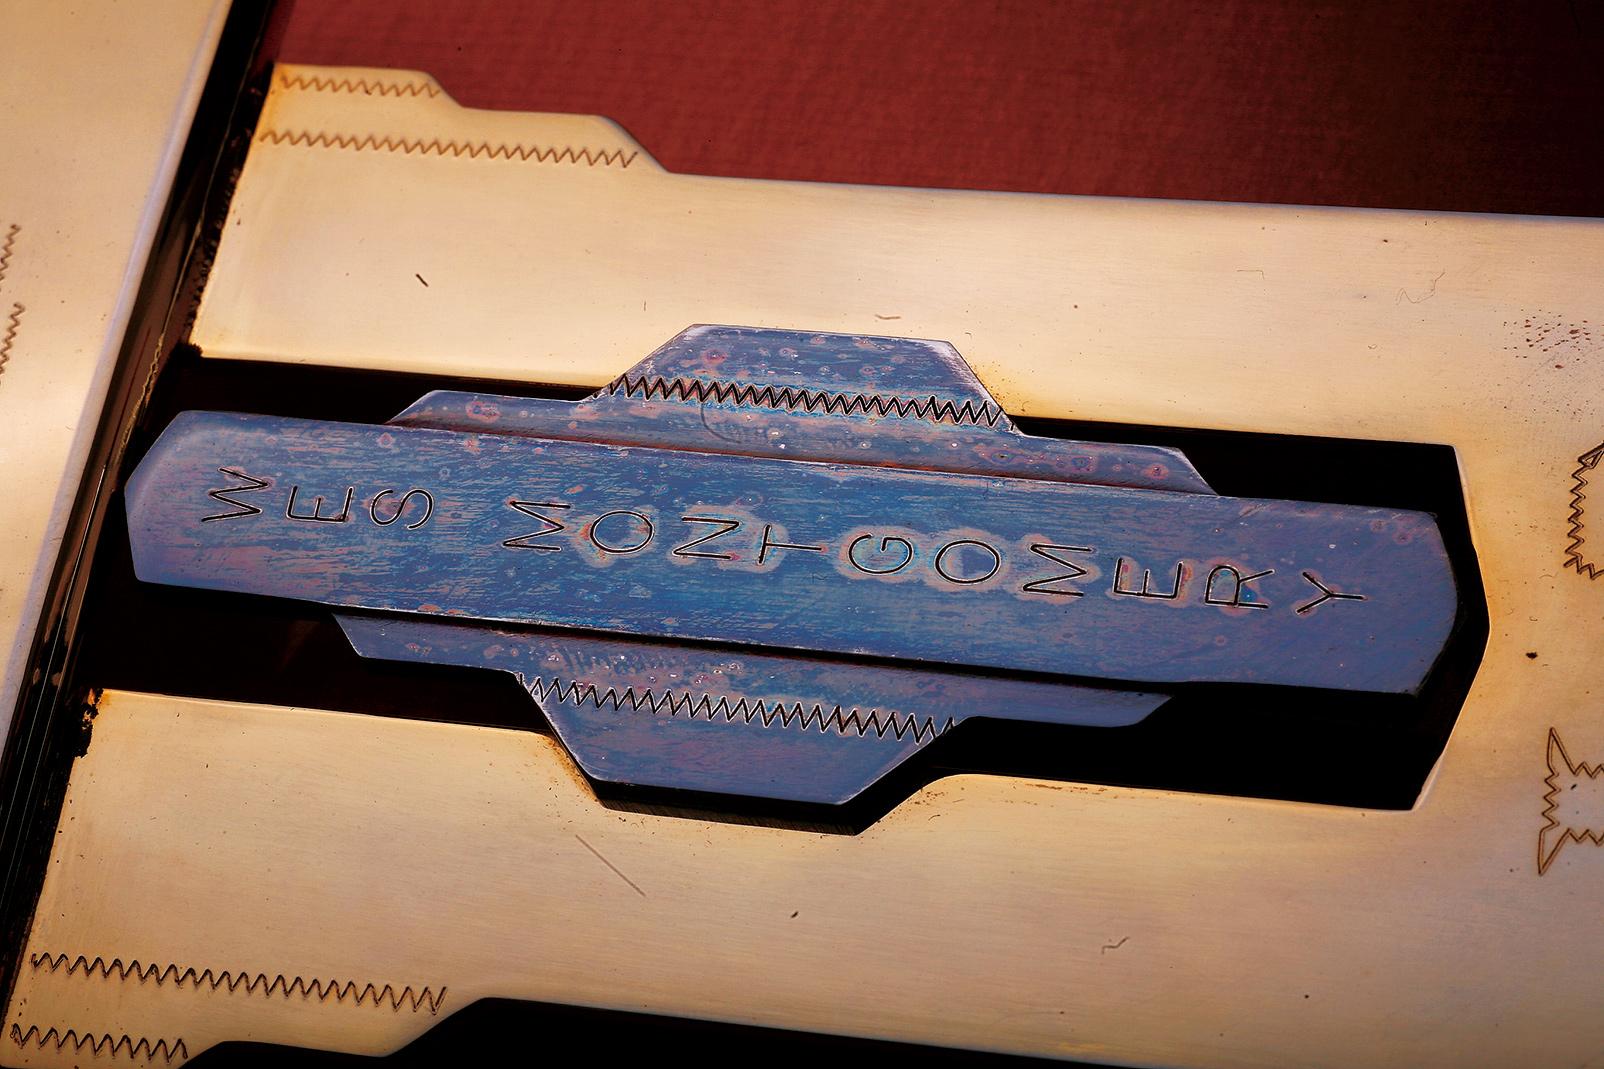 1965年の欧州ツアーでウェス・モンゴメリーが使った機材